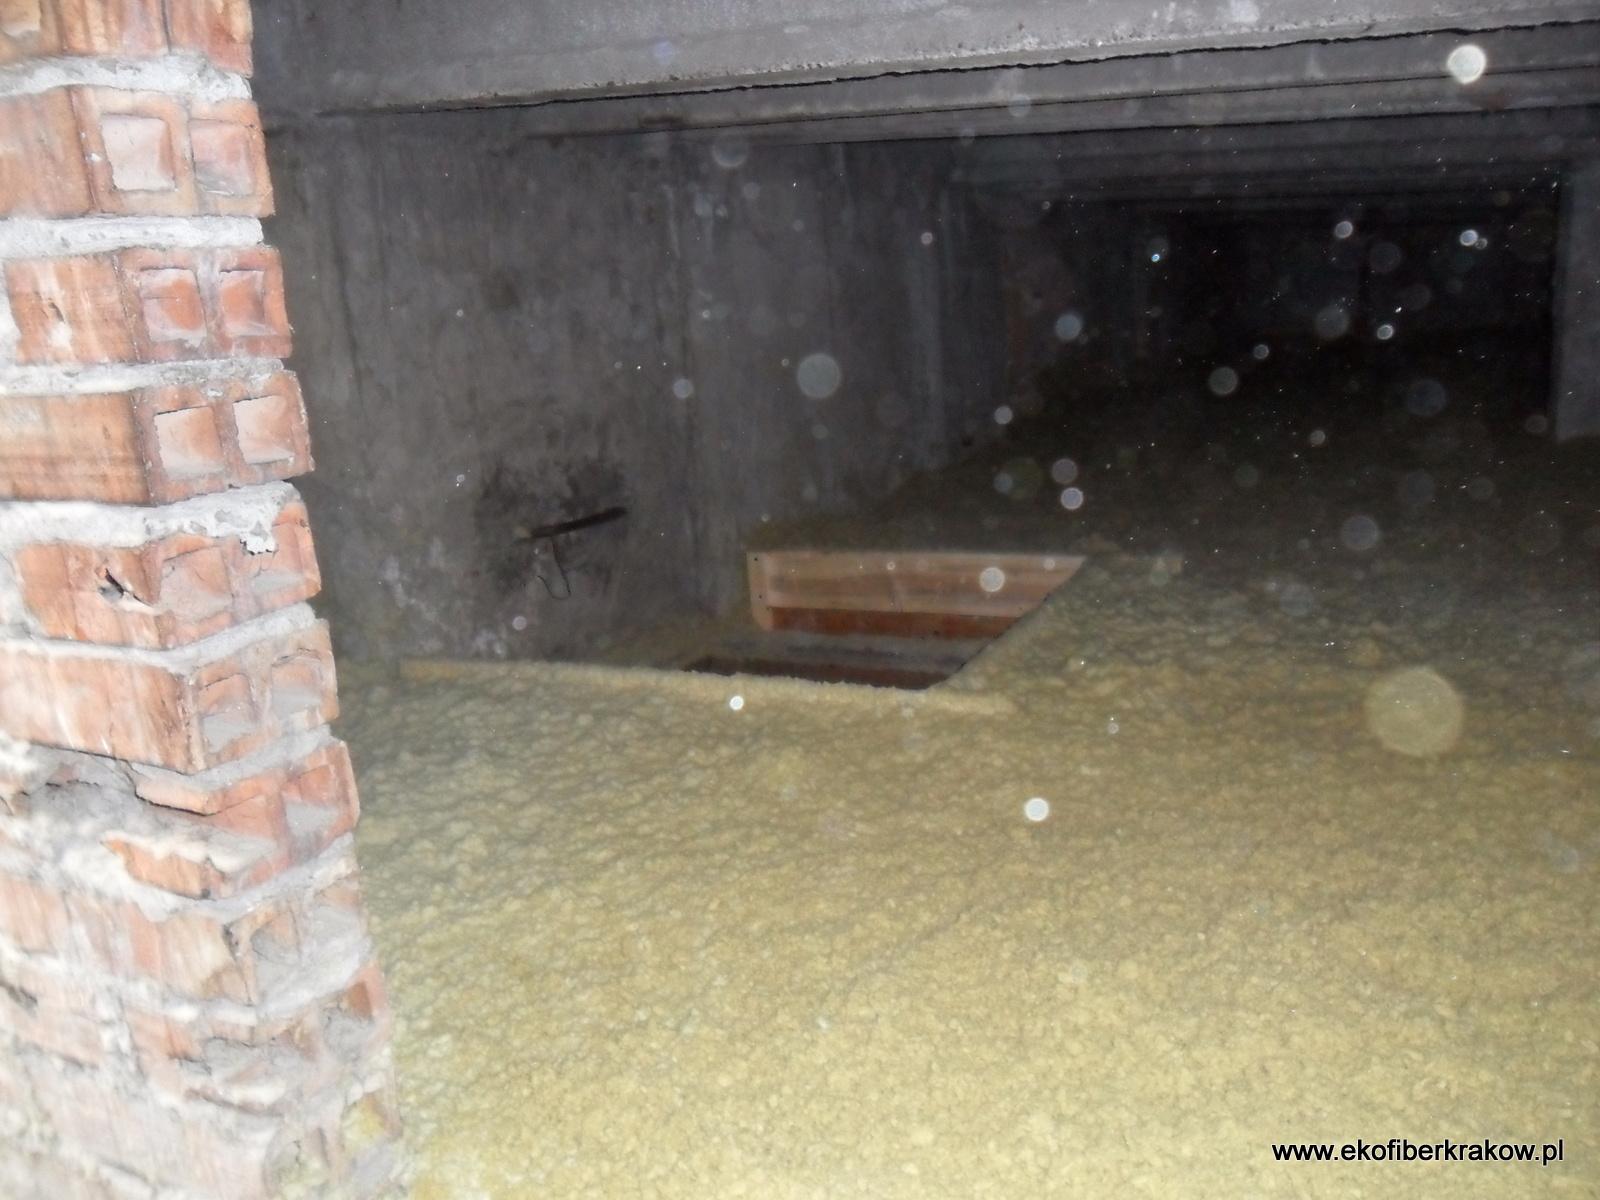 Ocieplenie stropodachu granulatem z wełny mineralnej z widoczną obstawką włazu